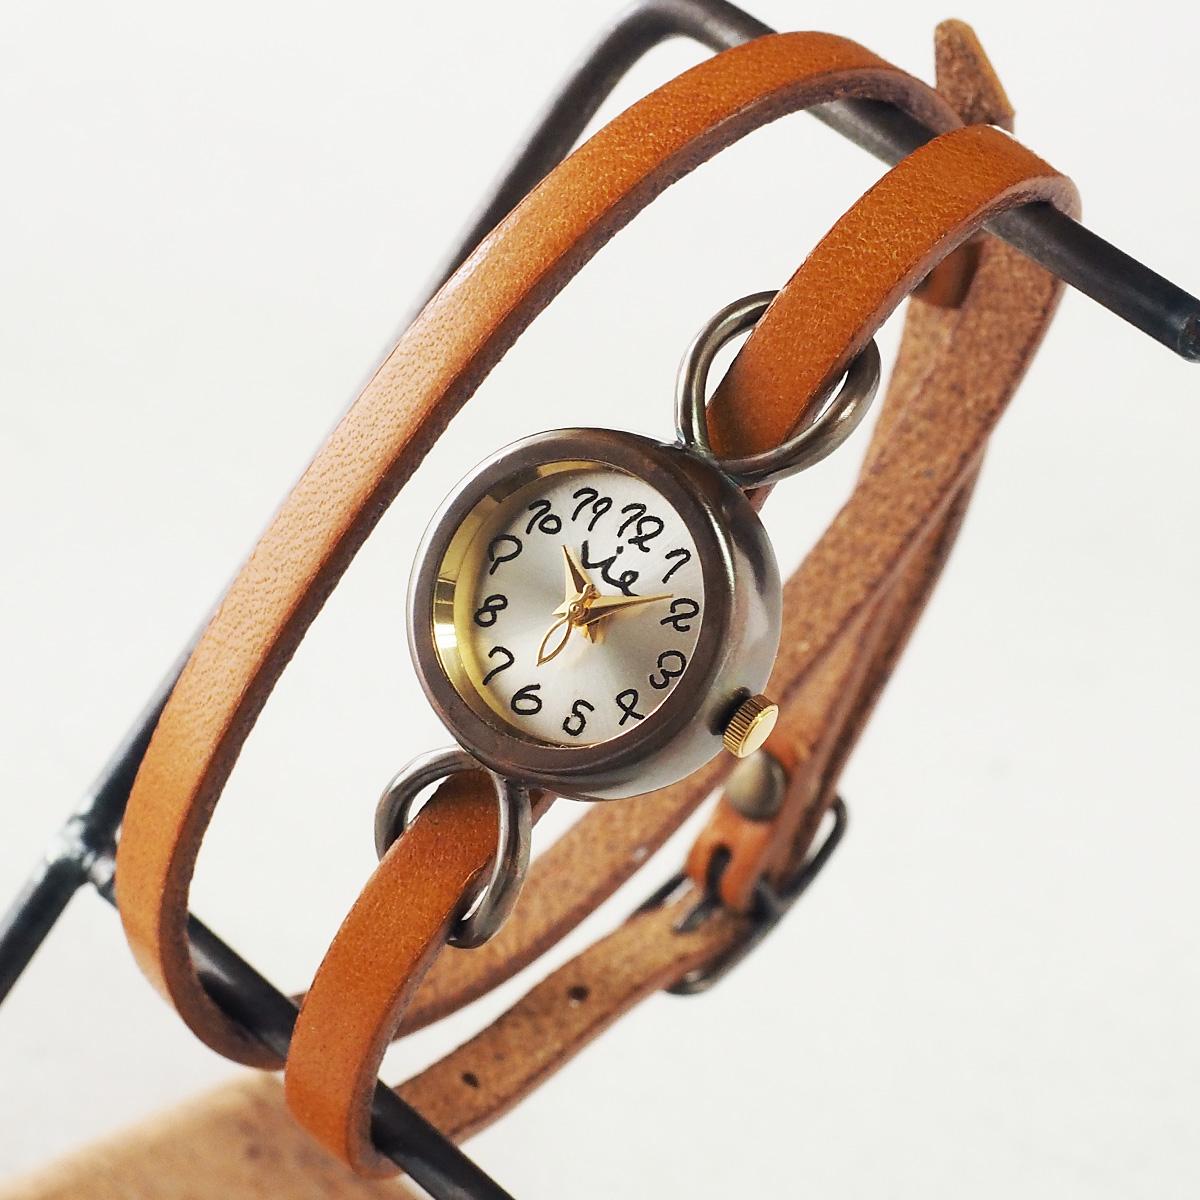 """vie(ヴィー) 手作り腕時計 """"cheerfully -チアフリー-"""" 2重ベルト レディース [WB-067-W-BELT]"""